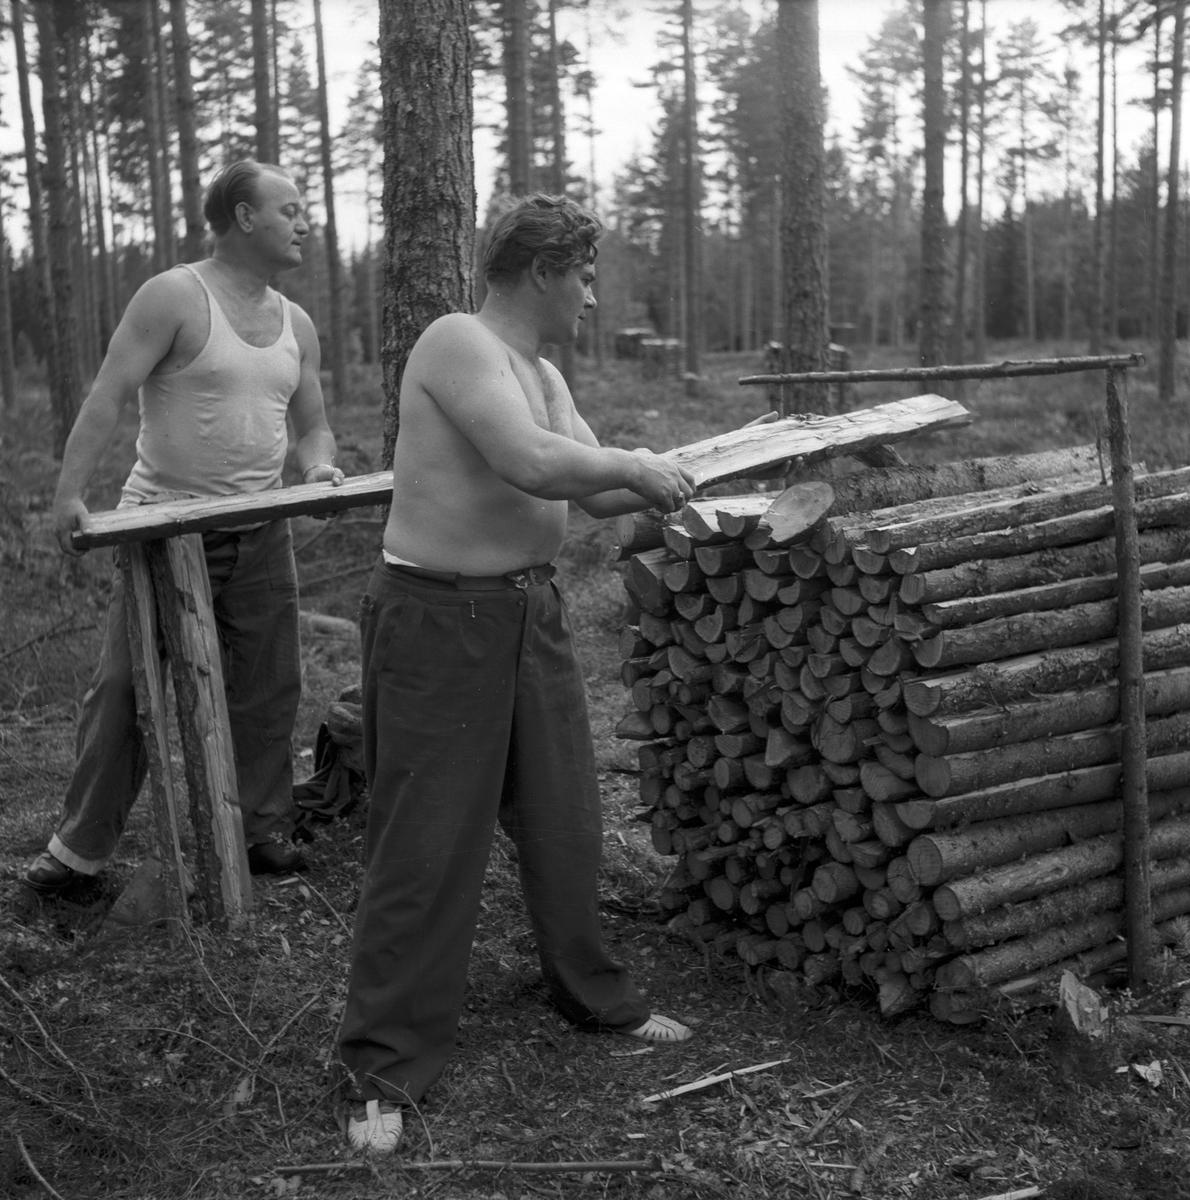 Opersångare Conny Söderström på skogshuggning med Egon Madsen. 8 augusti 1947.